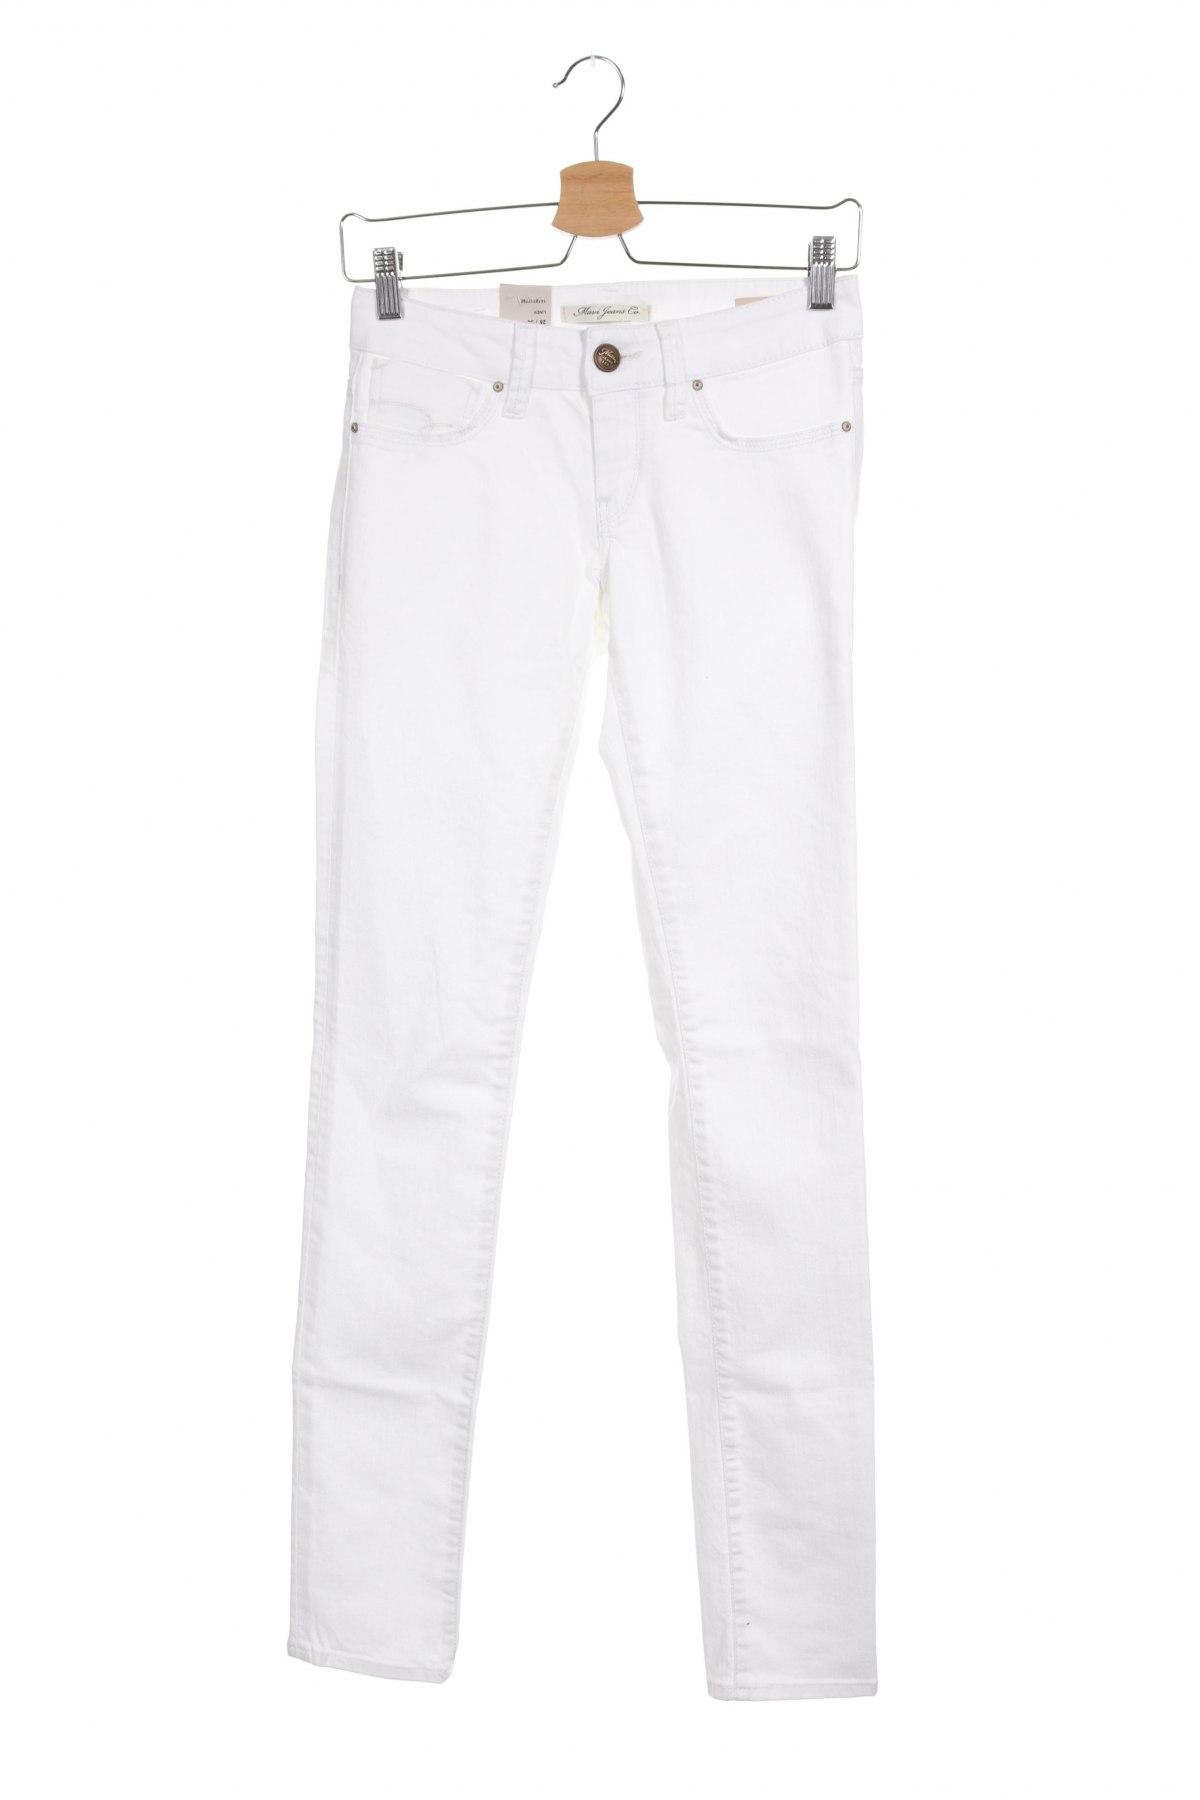 Дамски дънки Mavi, Размер XS, Цвят Бял, 98% памук, 2% еластан, Цена 14,63лв.